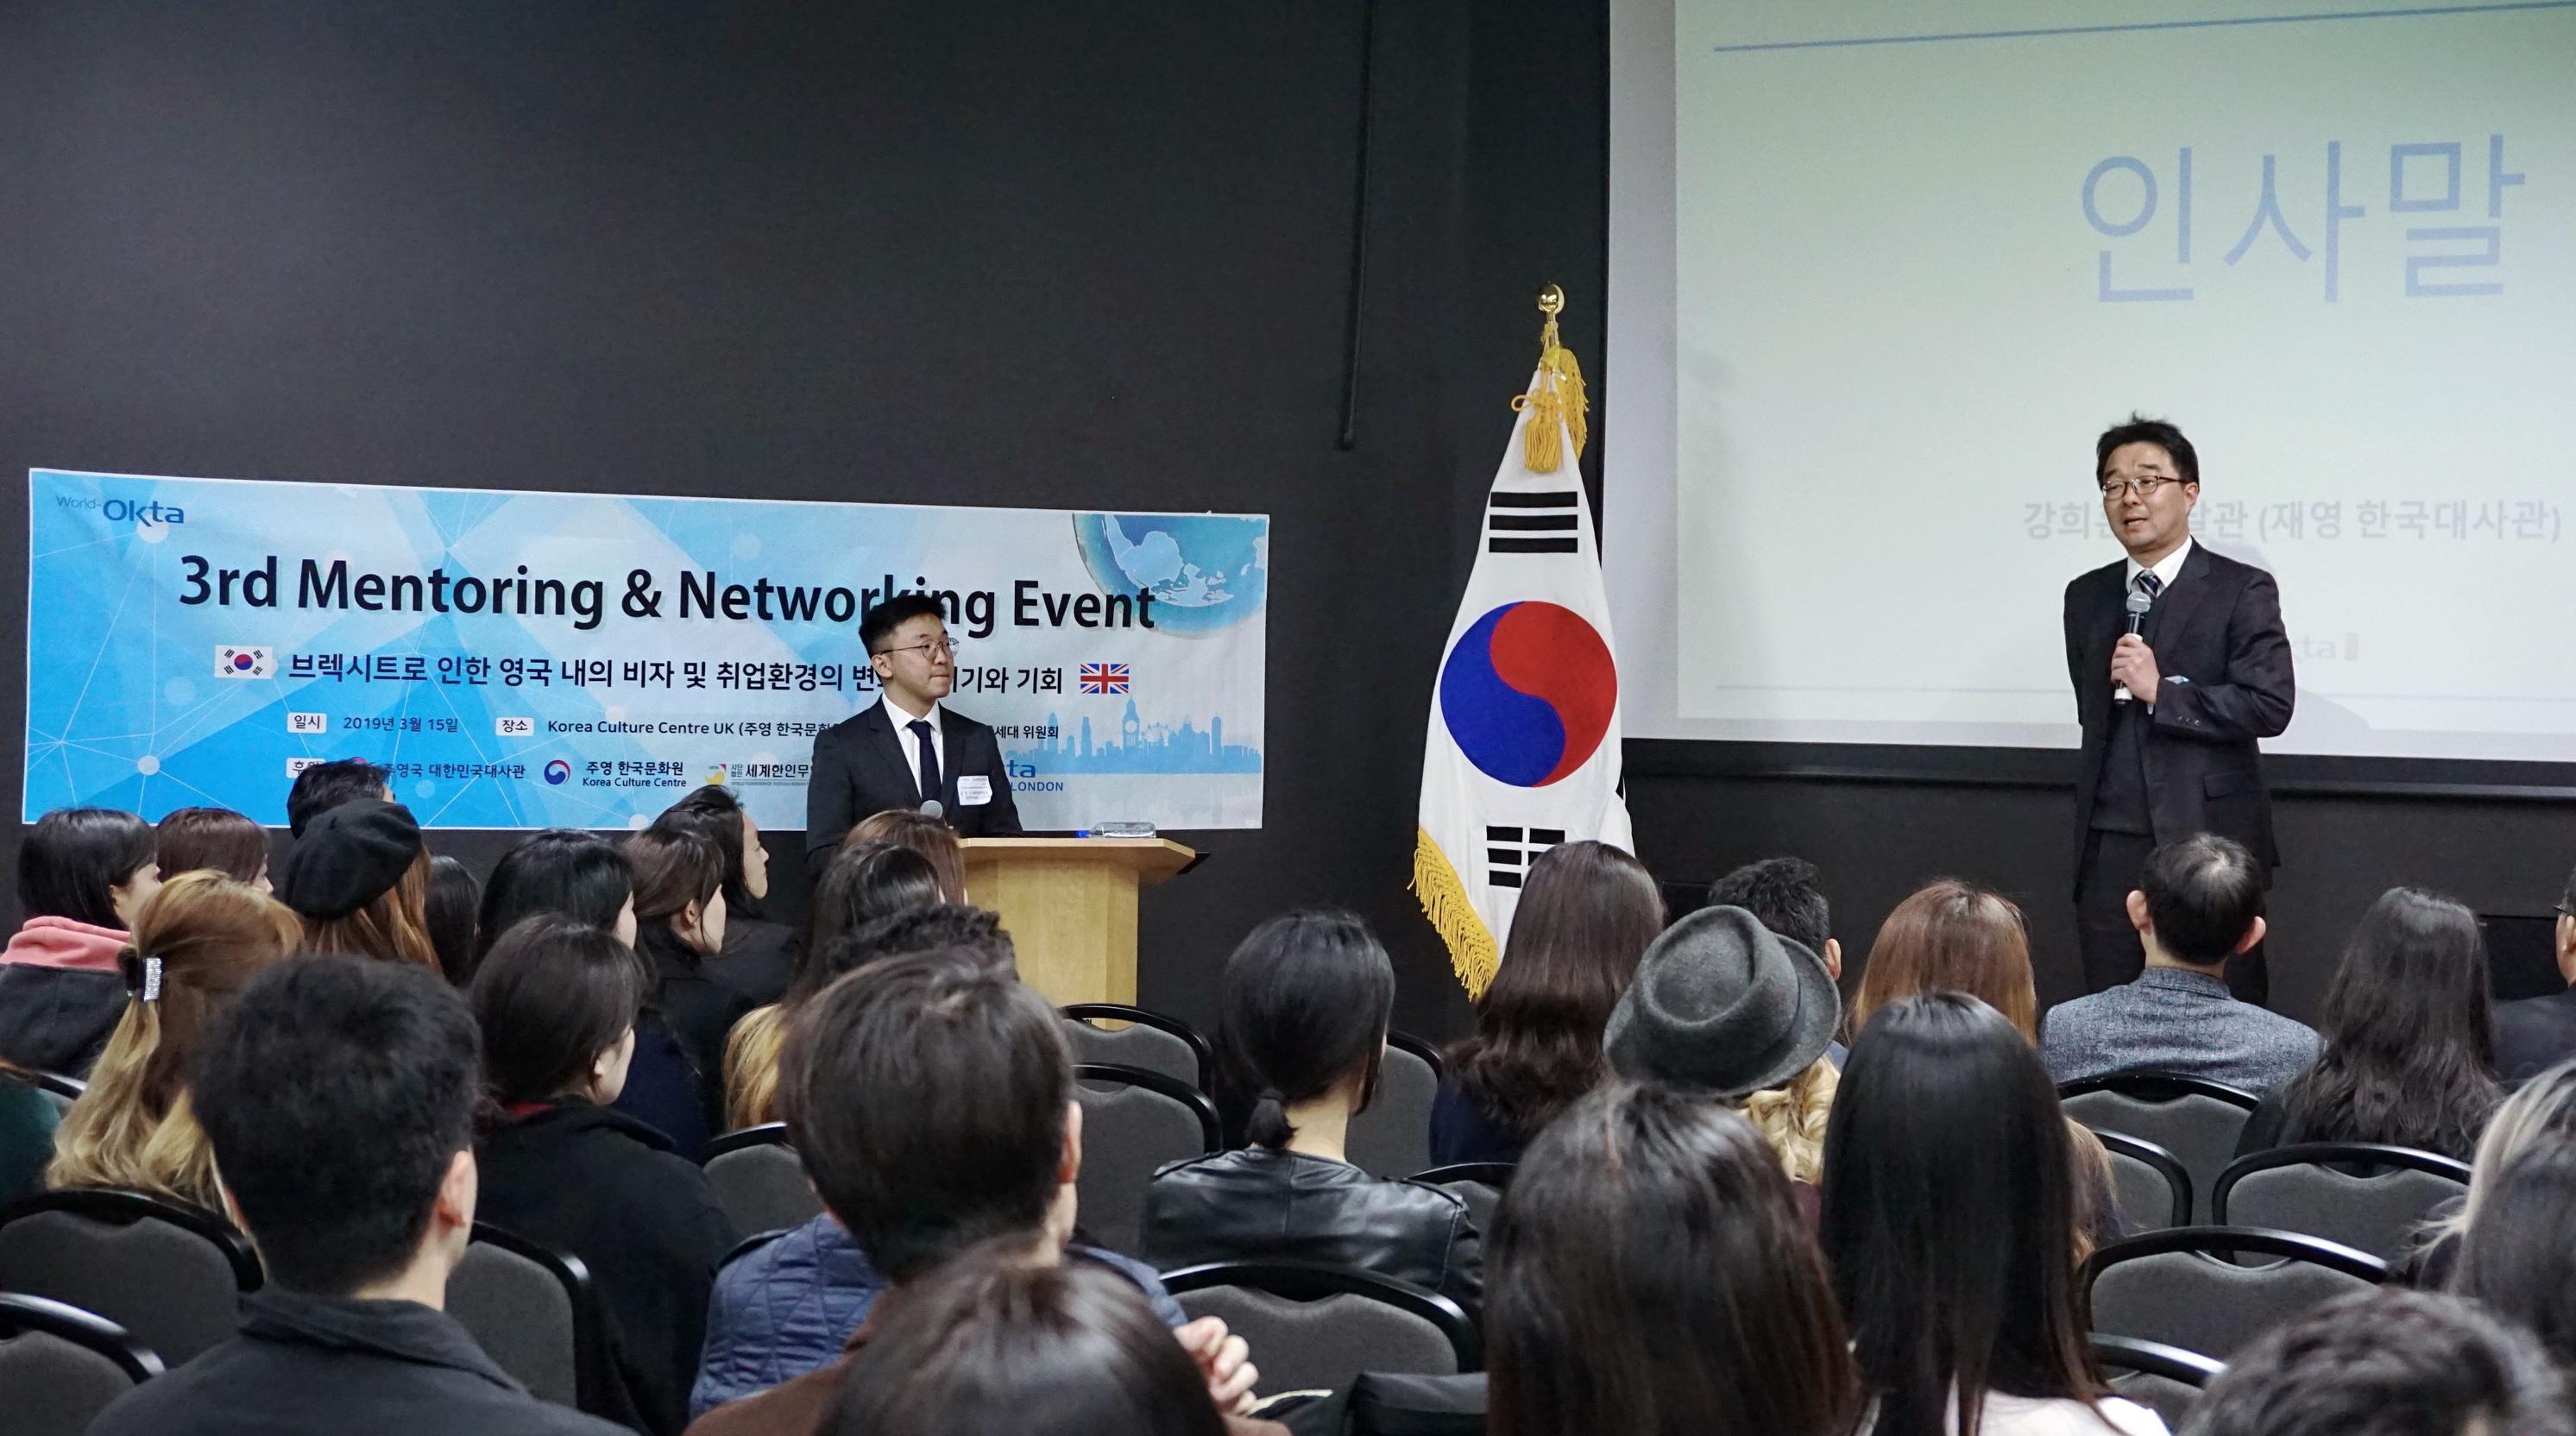 강희훈 1등서기관.jpg.JPG